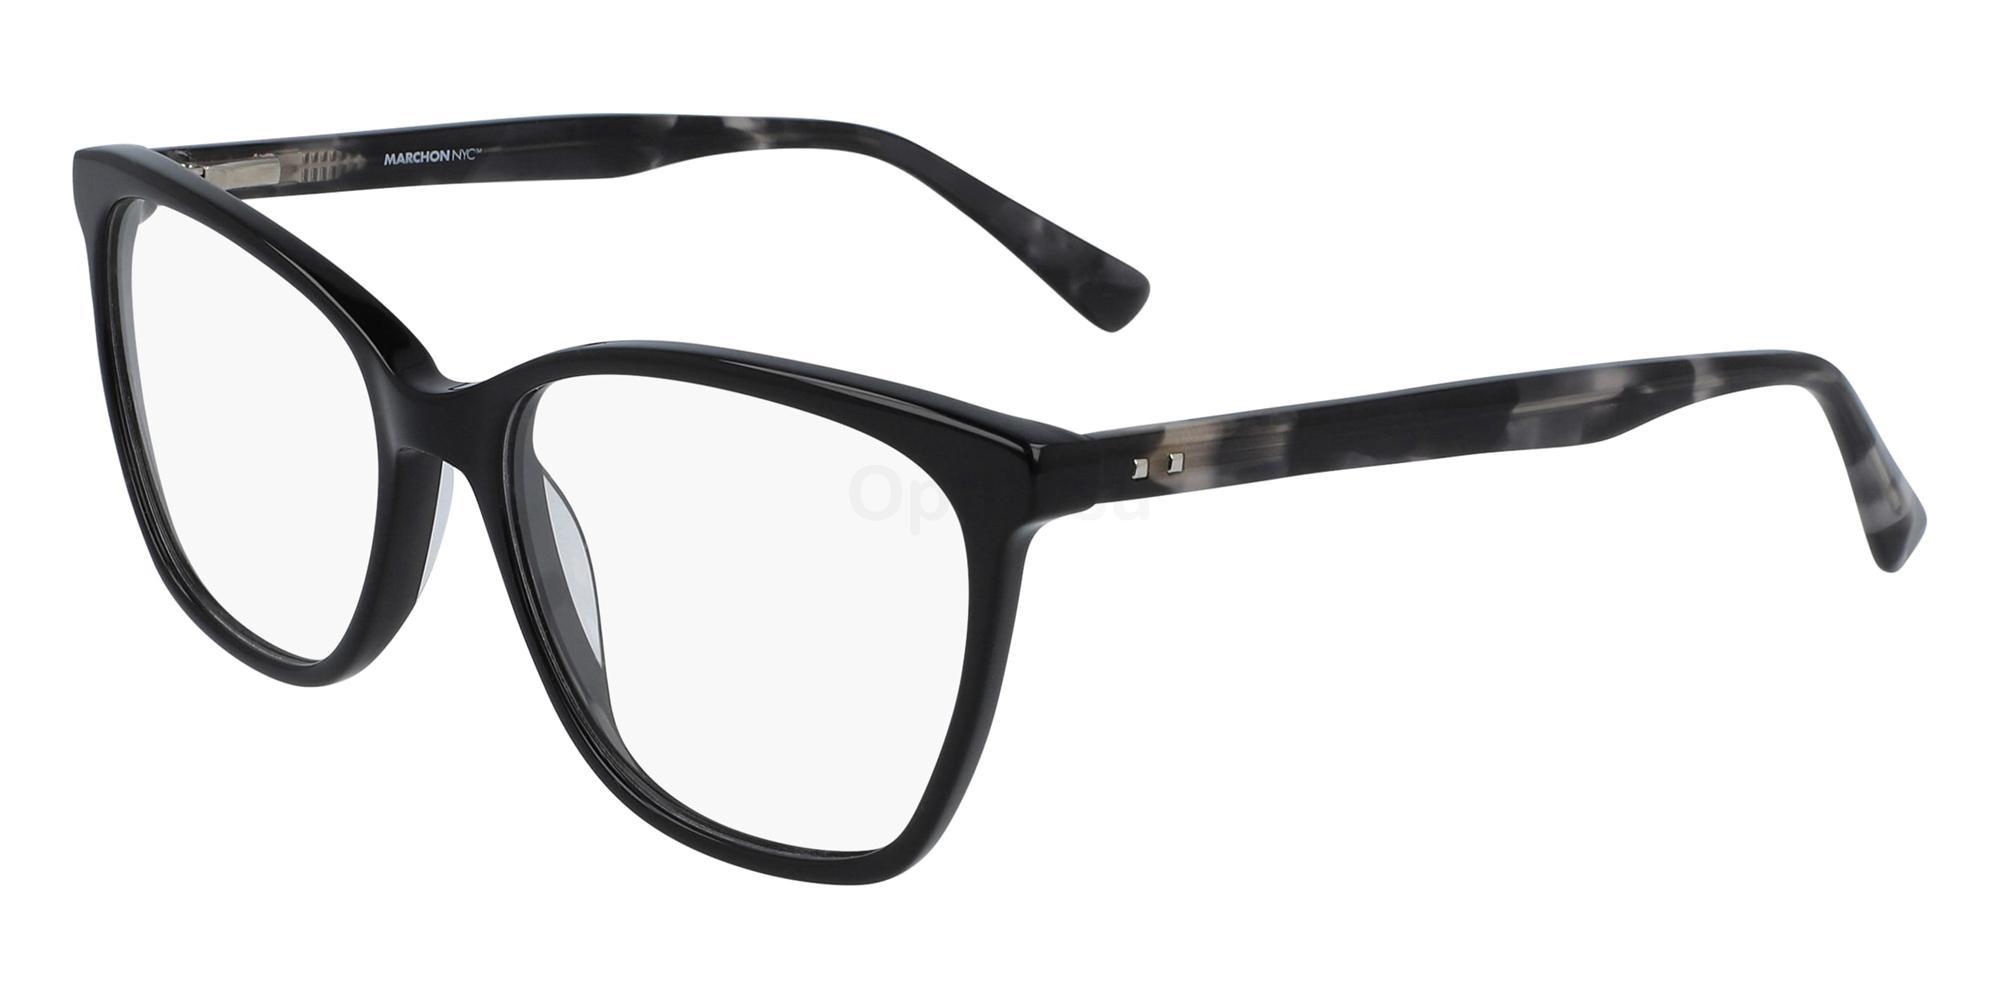 001 M-5504 Glasses, Marchon